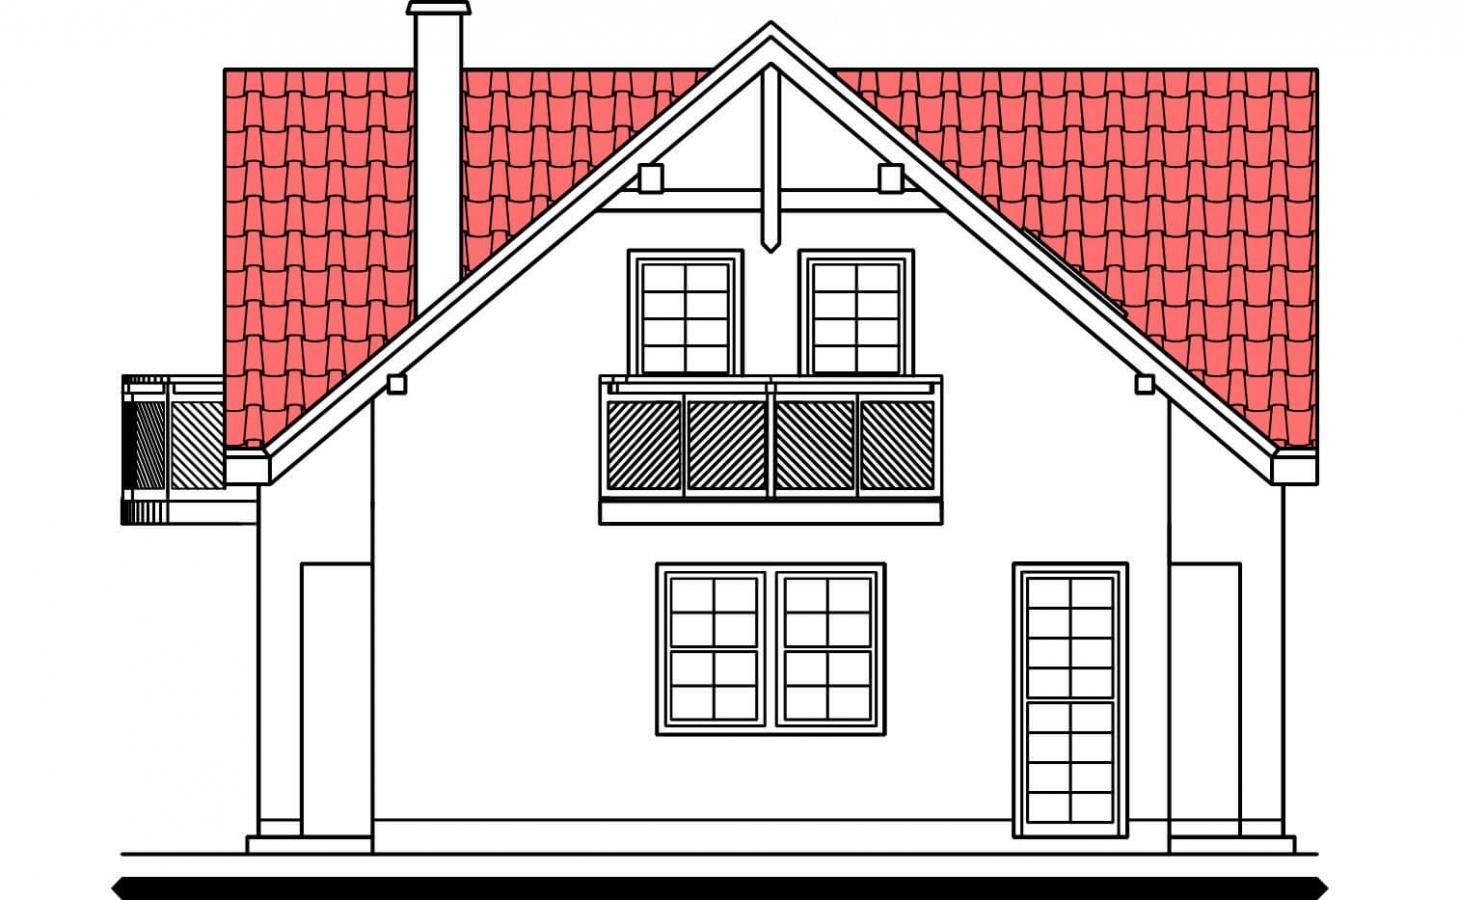 Pohľad 2. - Poschodový 4-izbový dom.